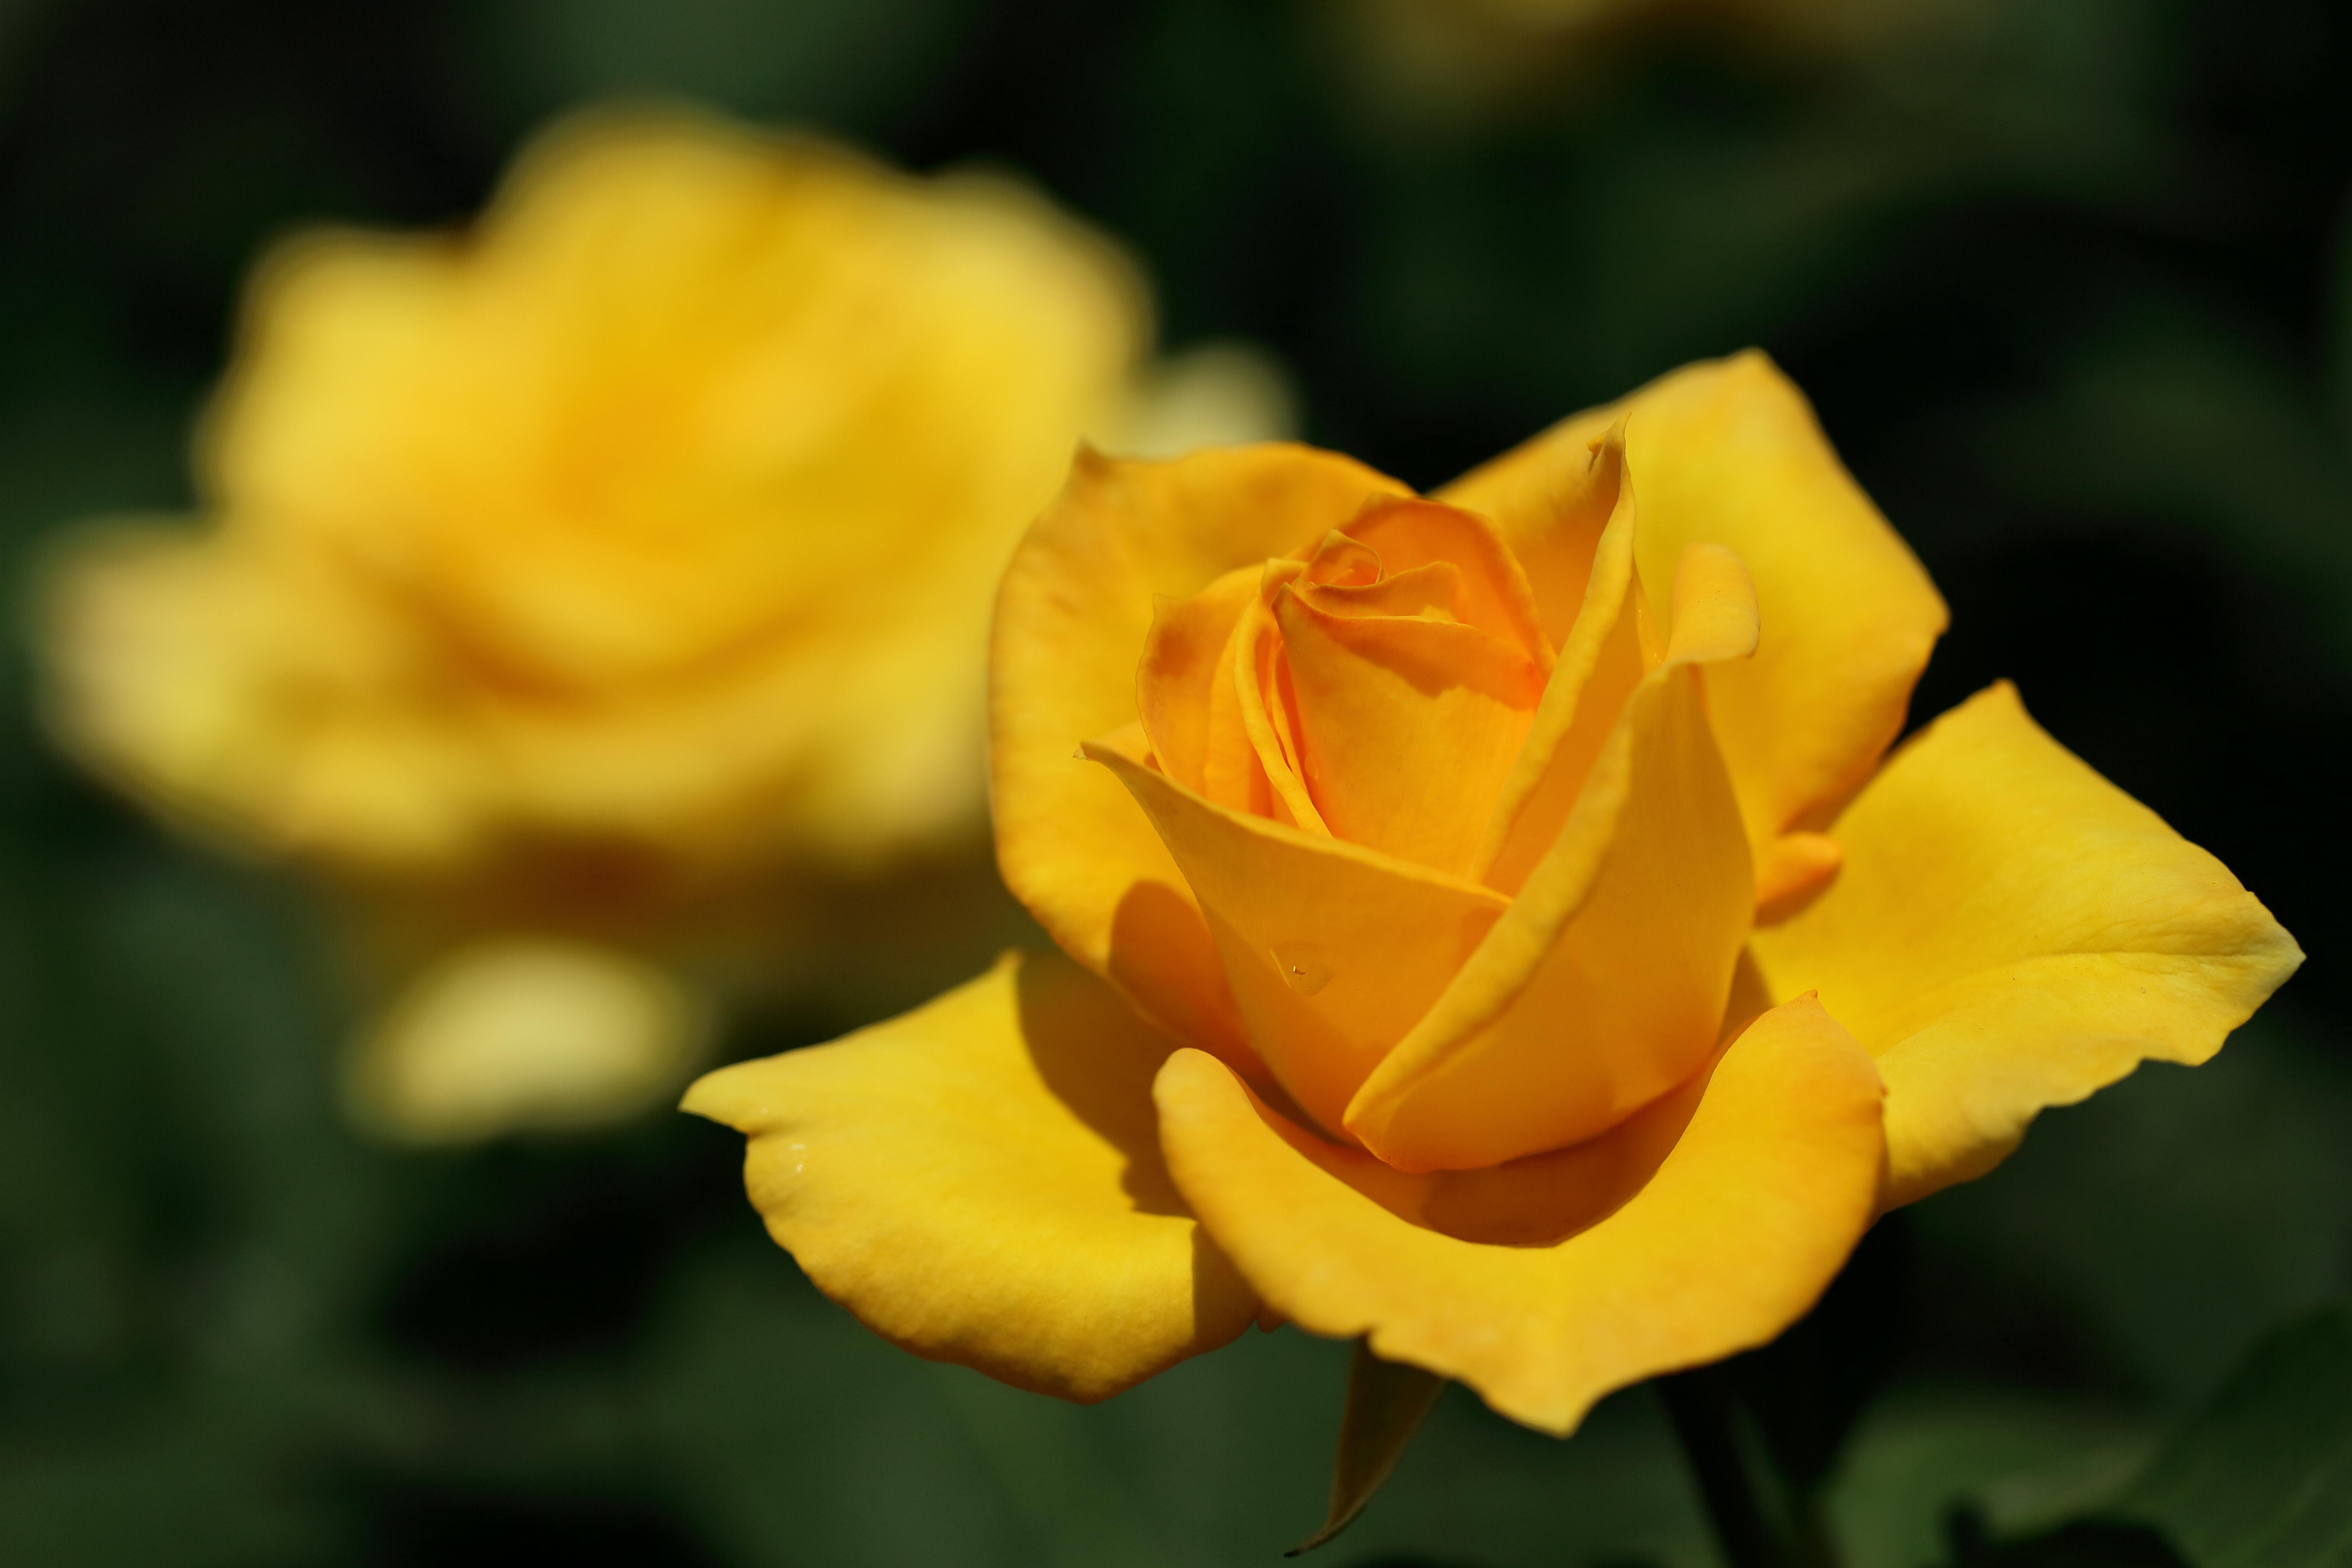 玫瑰花图片 高清壁纸 大图 植物壁纸-第3张